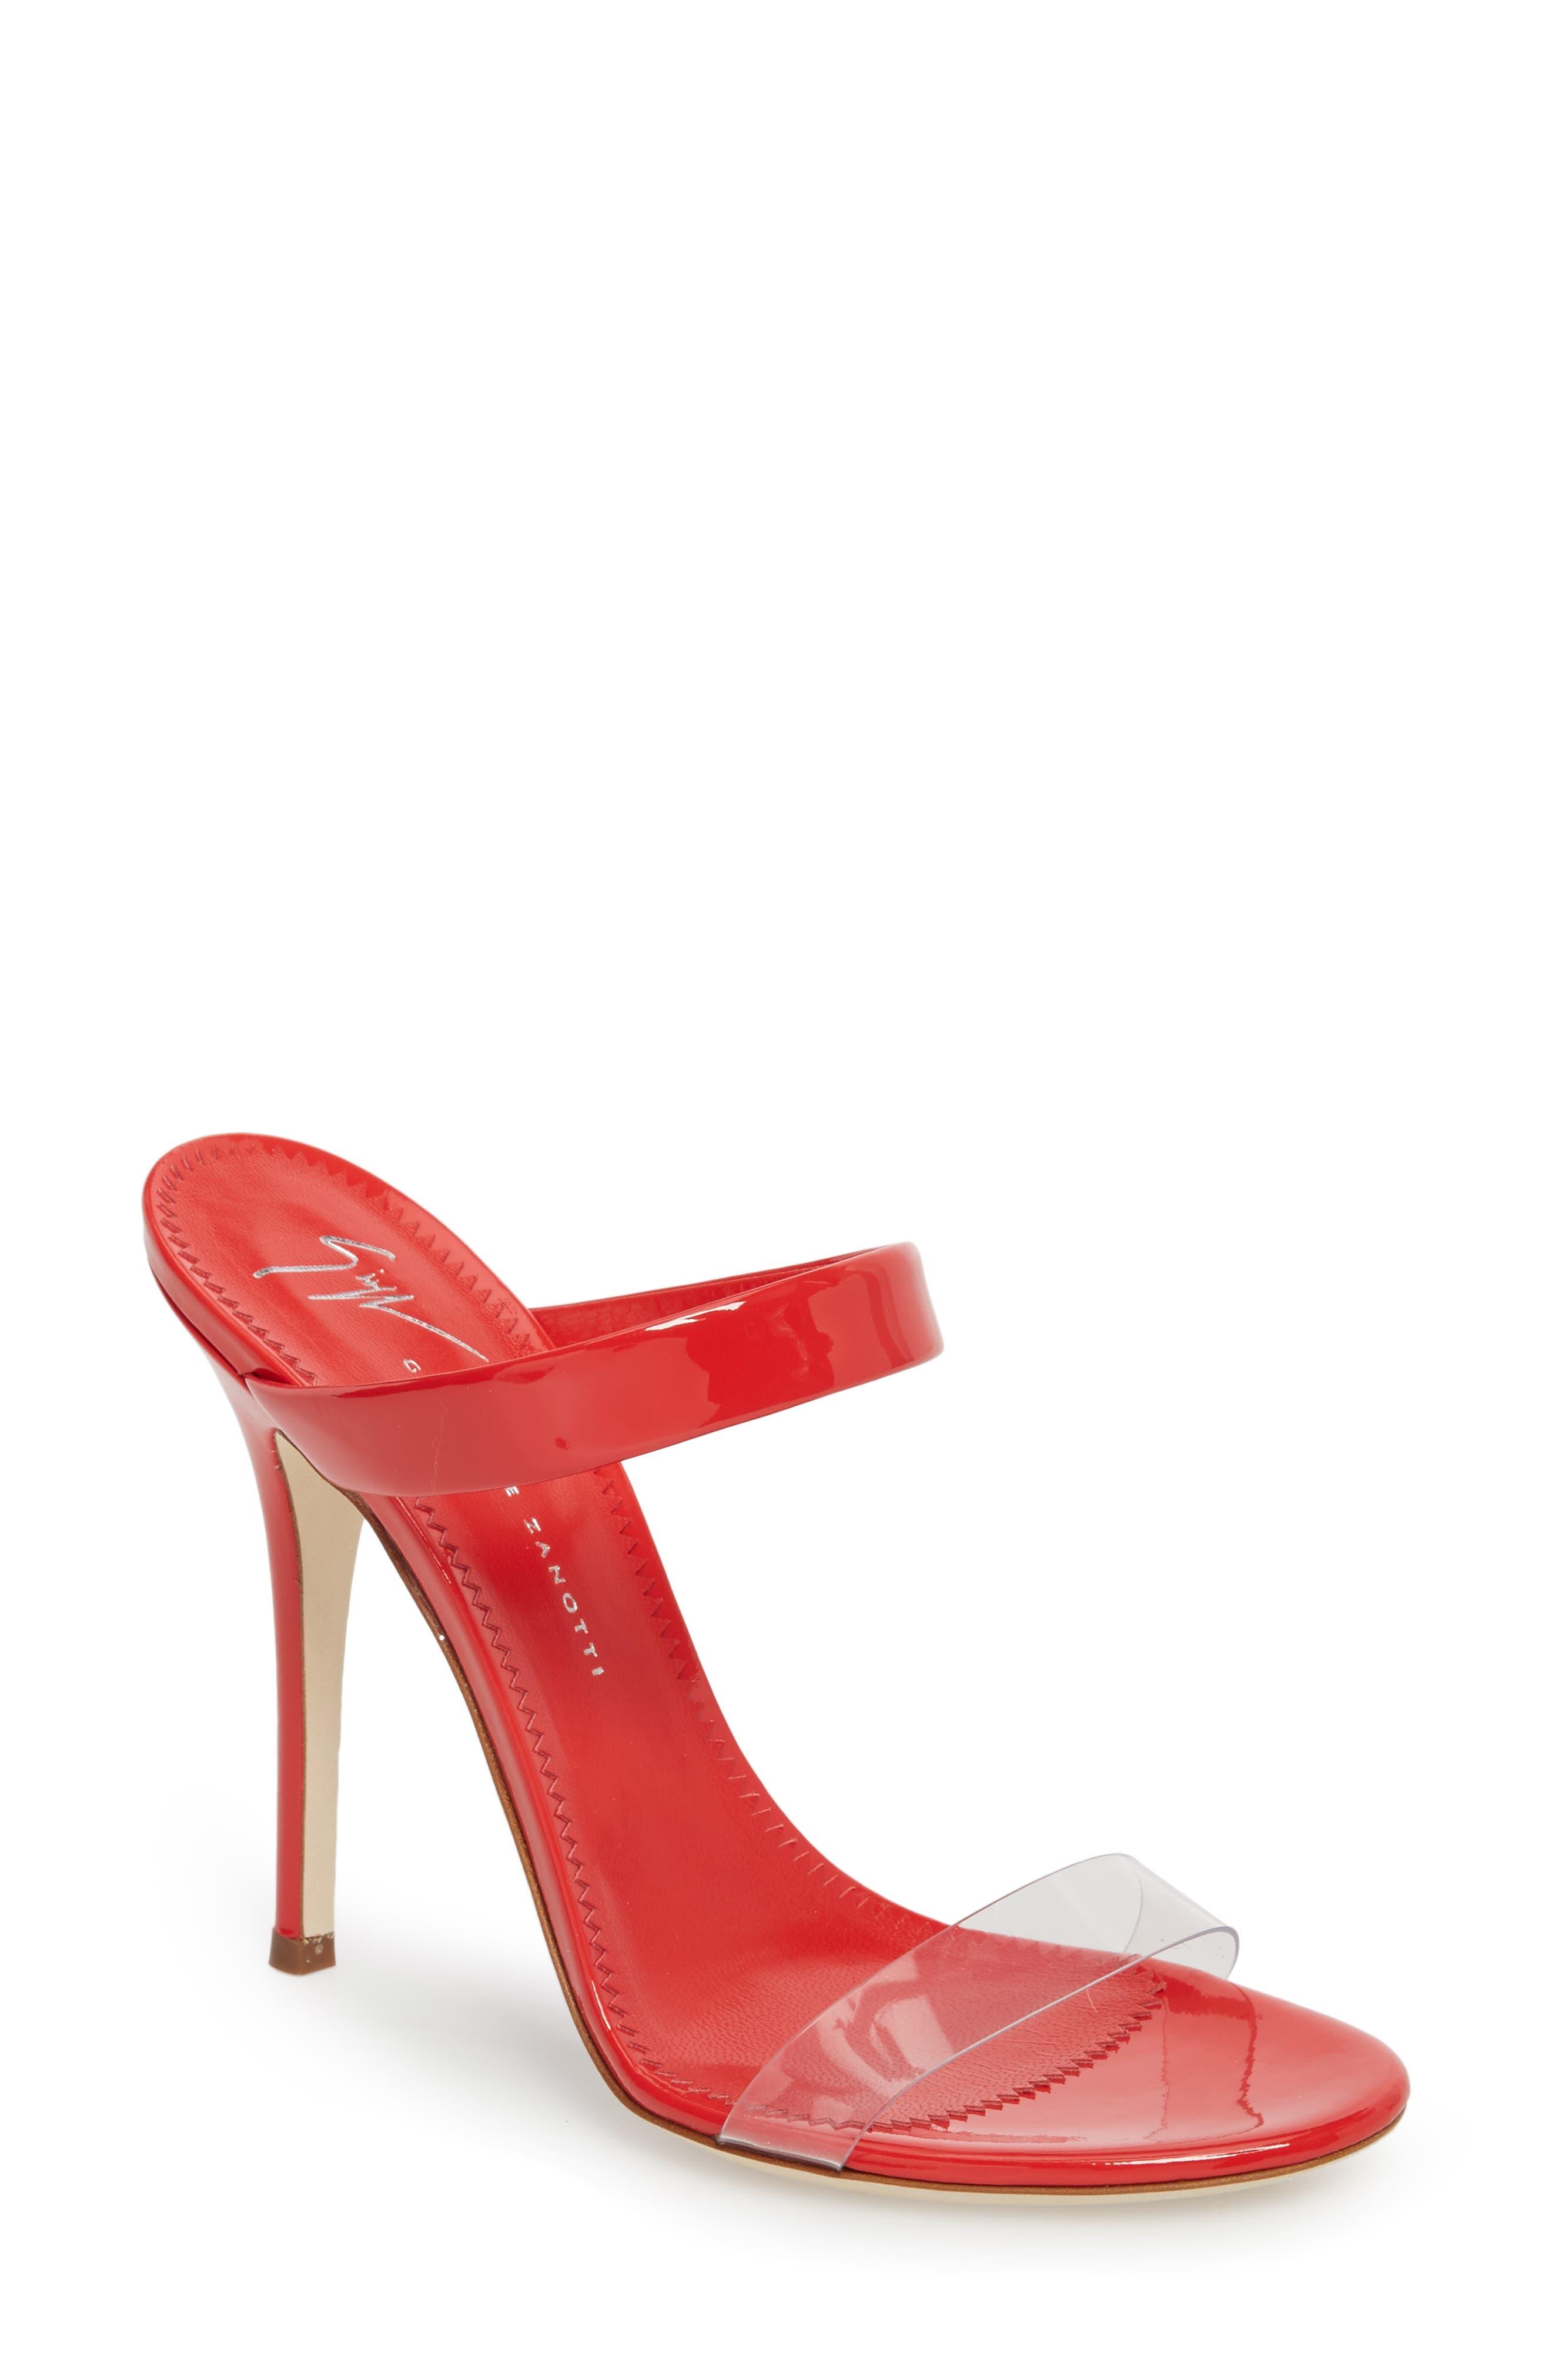 Main Image - Giuseppe Zanotti Strappy Sandal (Women)